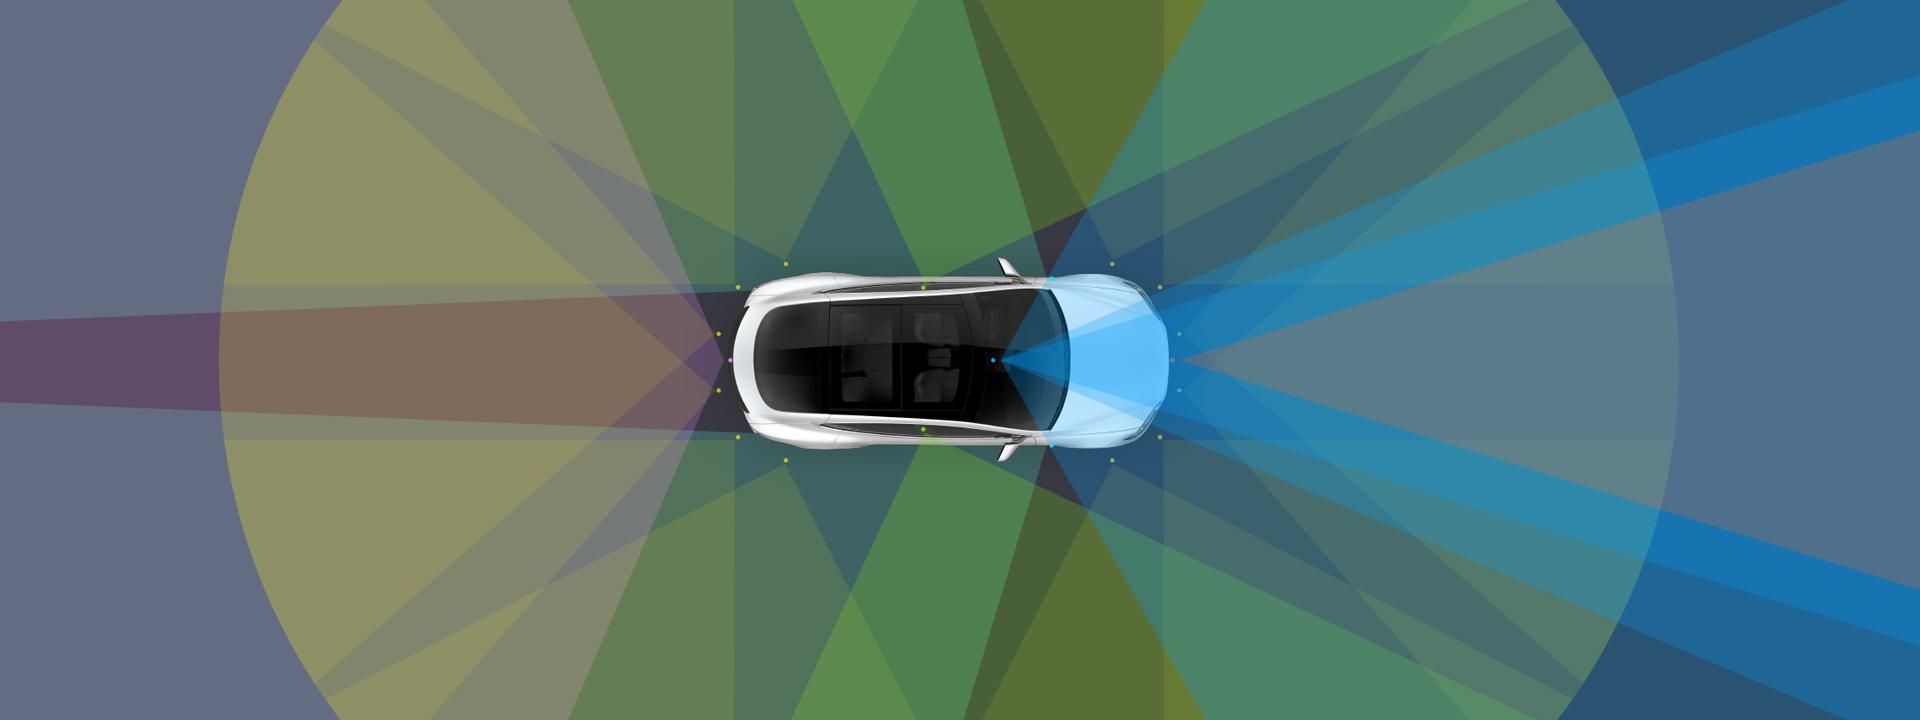 Tesla arbeitet an autonom fahrenden Autos. Foto: Tesla